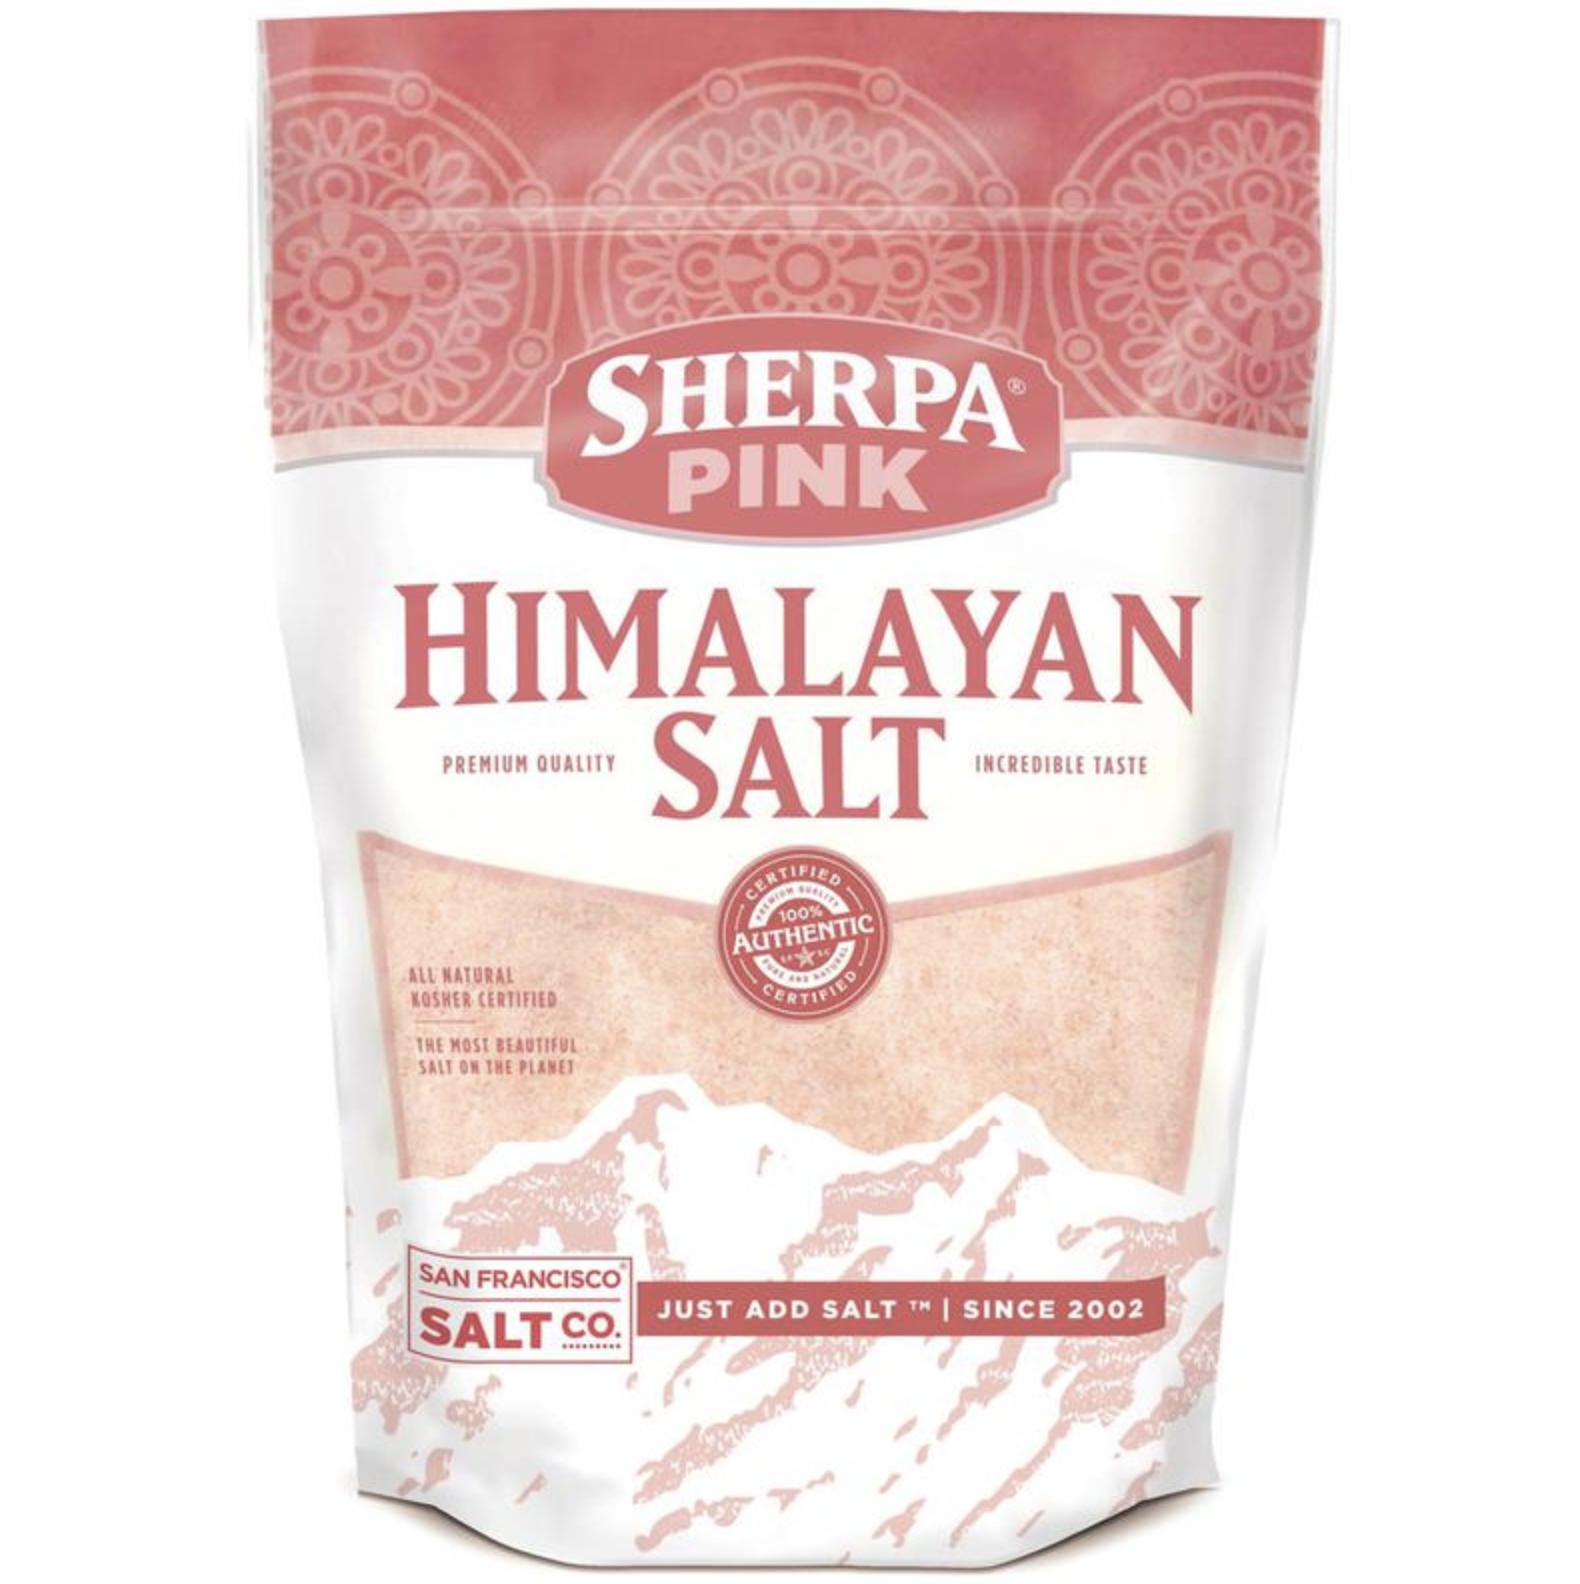 S.F. Salt Co. Himalayan Pink Salt